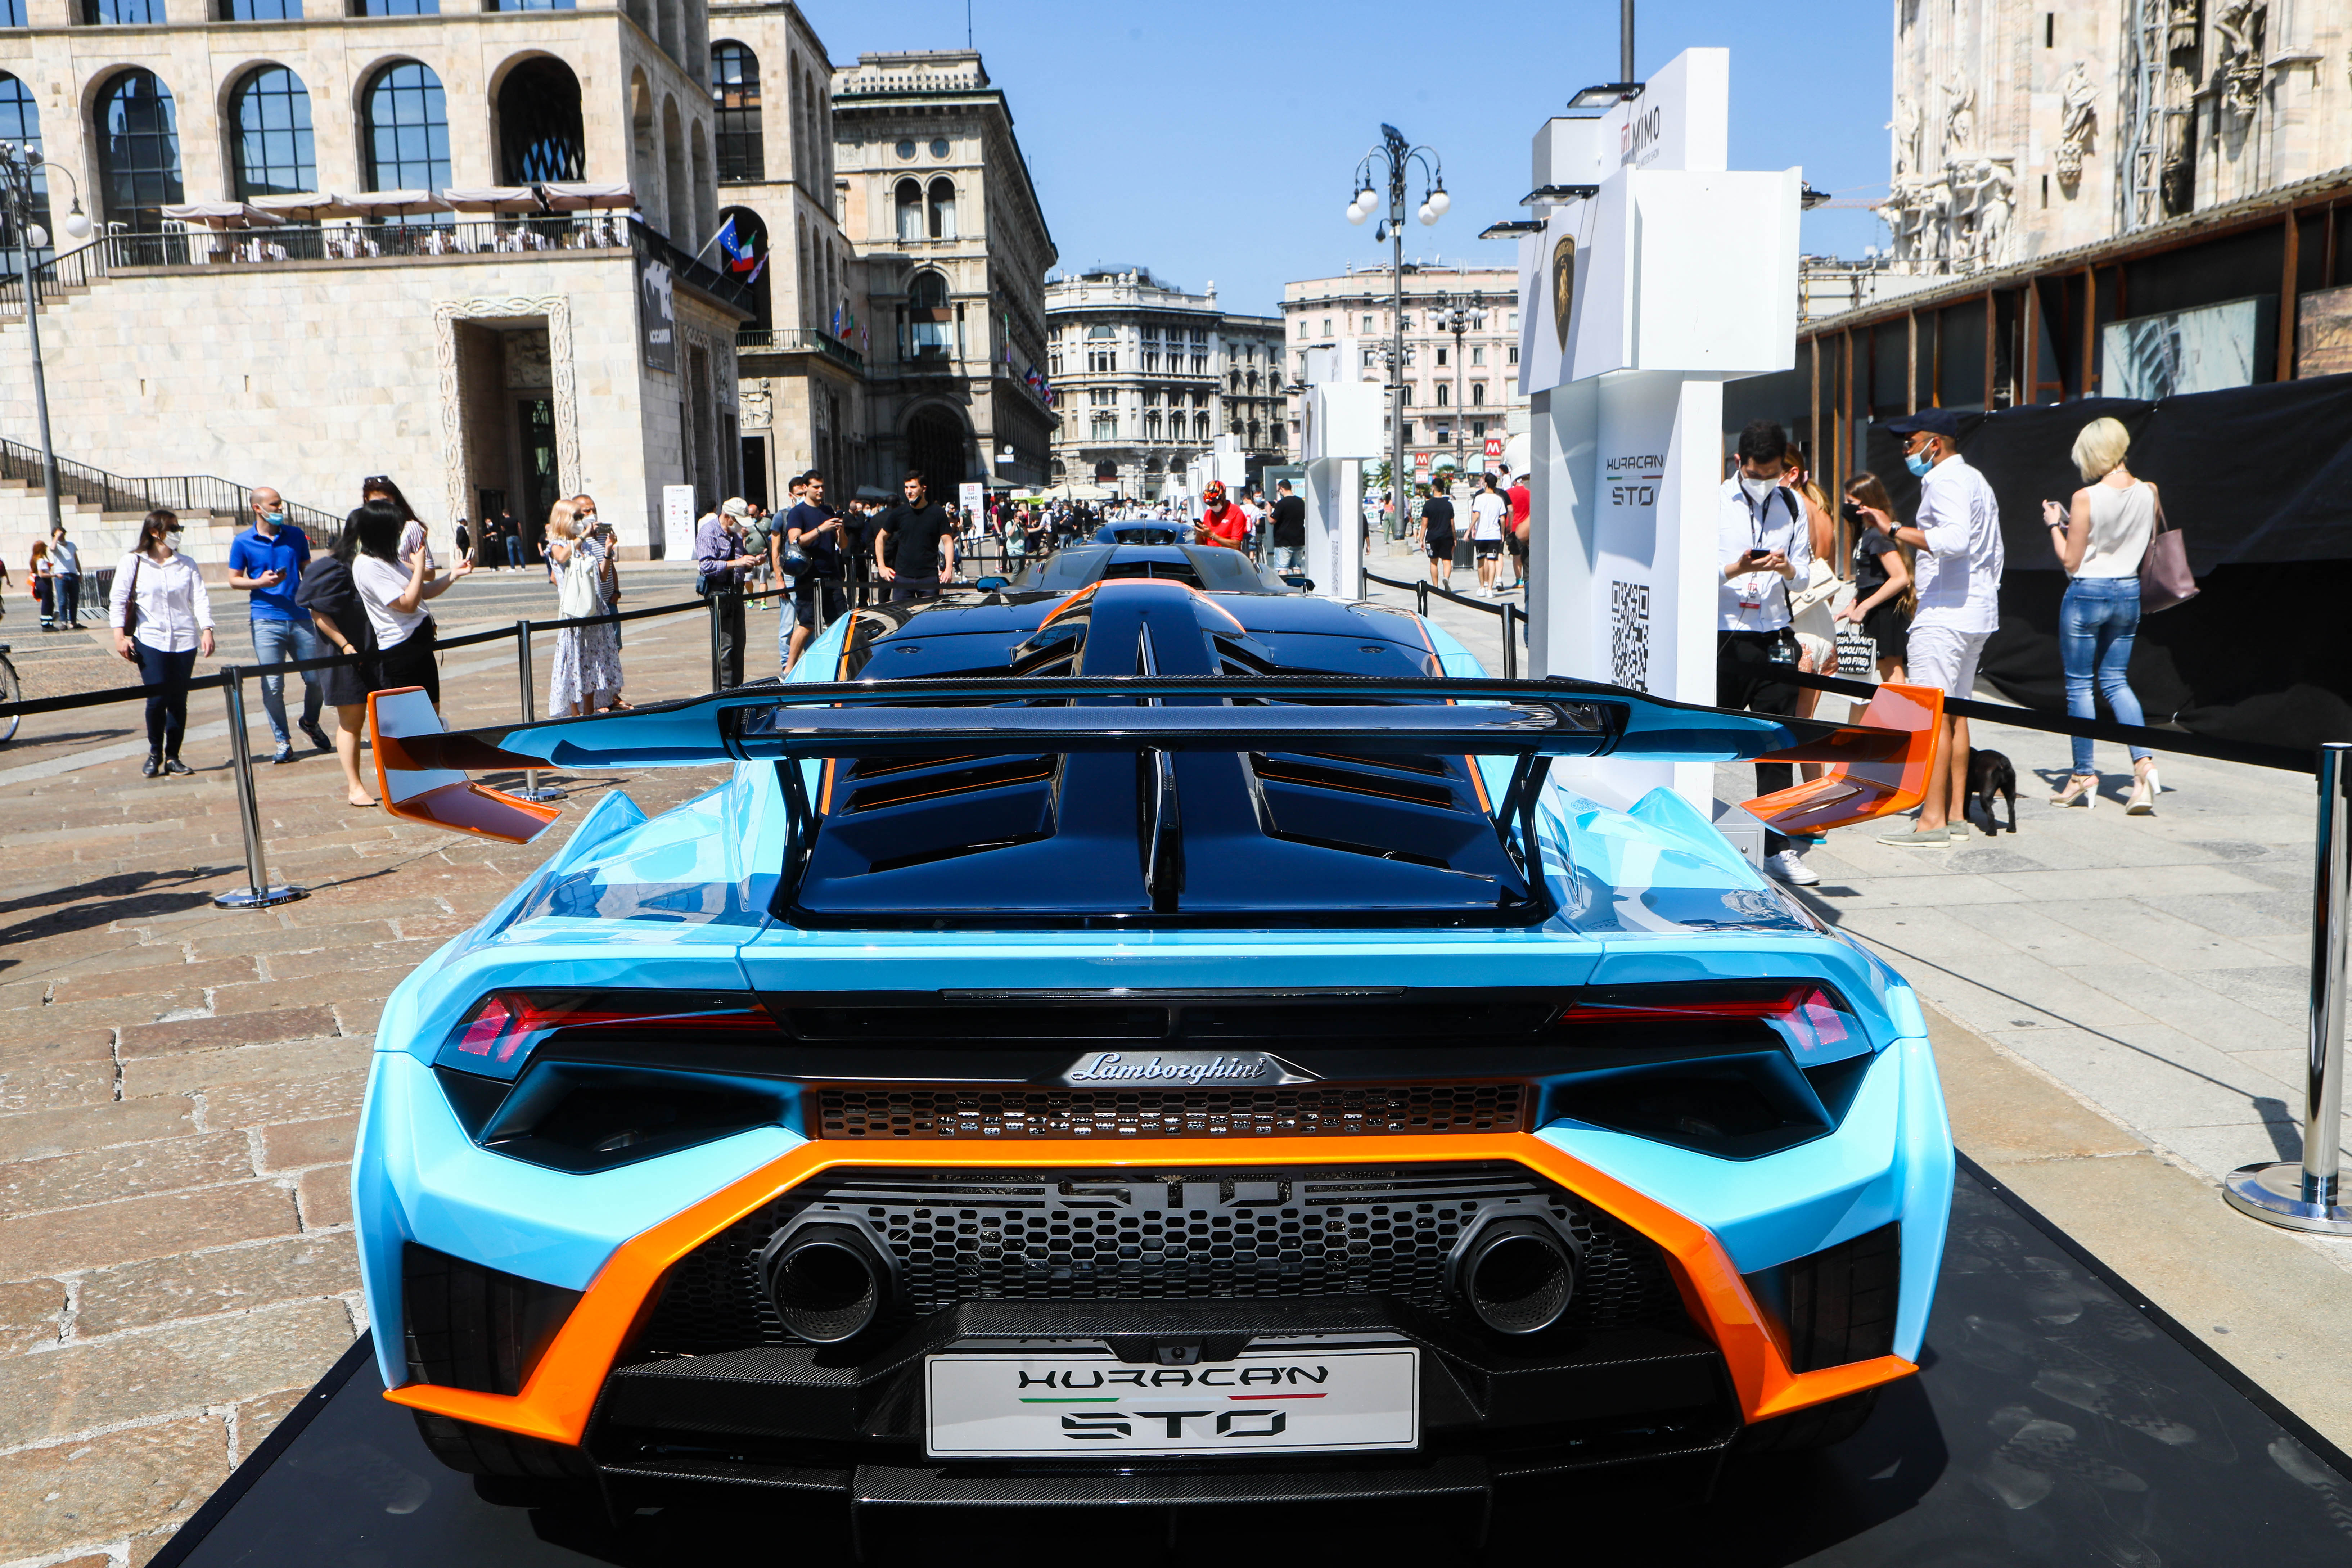 Idén már ne nagyon akarjanak Lamborghinit vásárolni